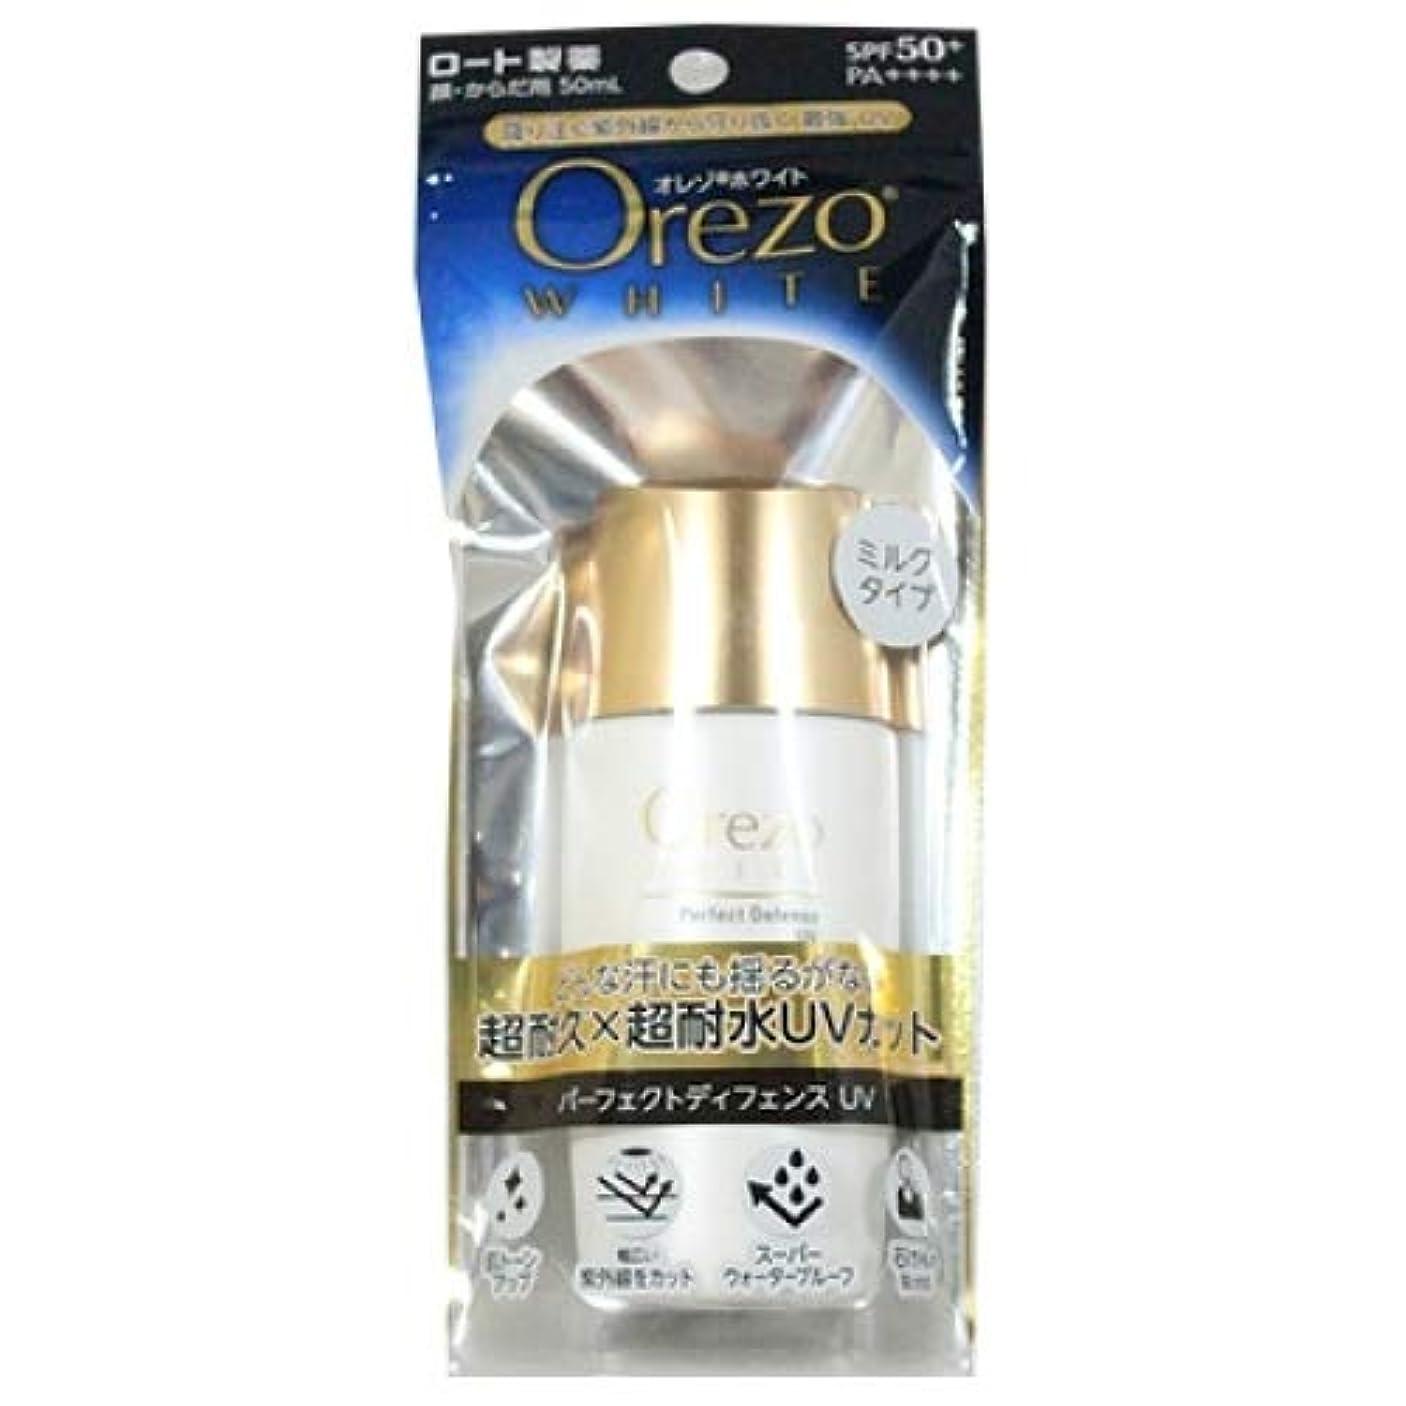 灌漑何十人も機転ロート製薬 Orezo オレゾ ホワイト パーフェクトディフェンスUVa SPF50+ PA++++ (50mL)